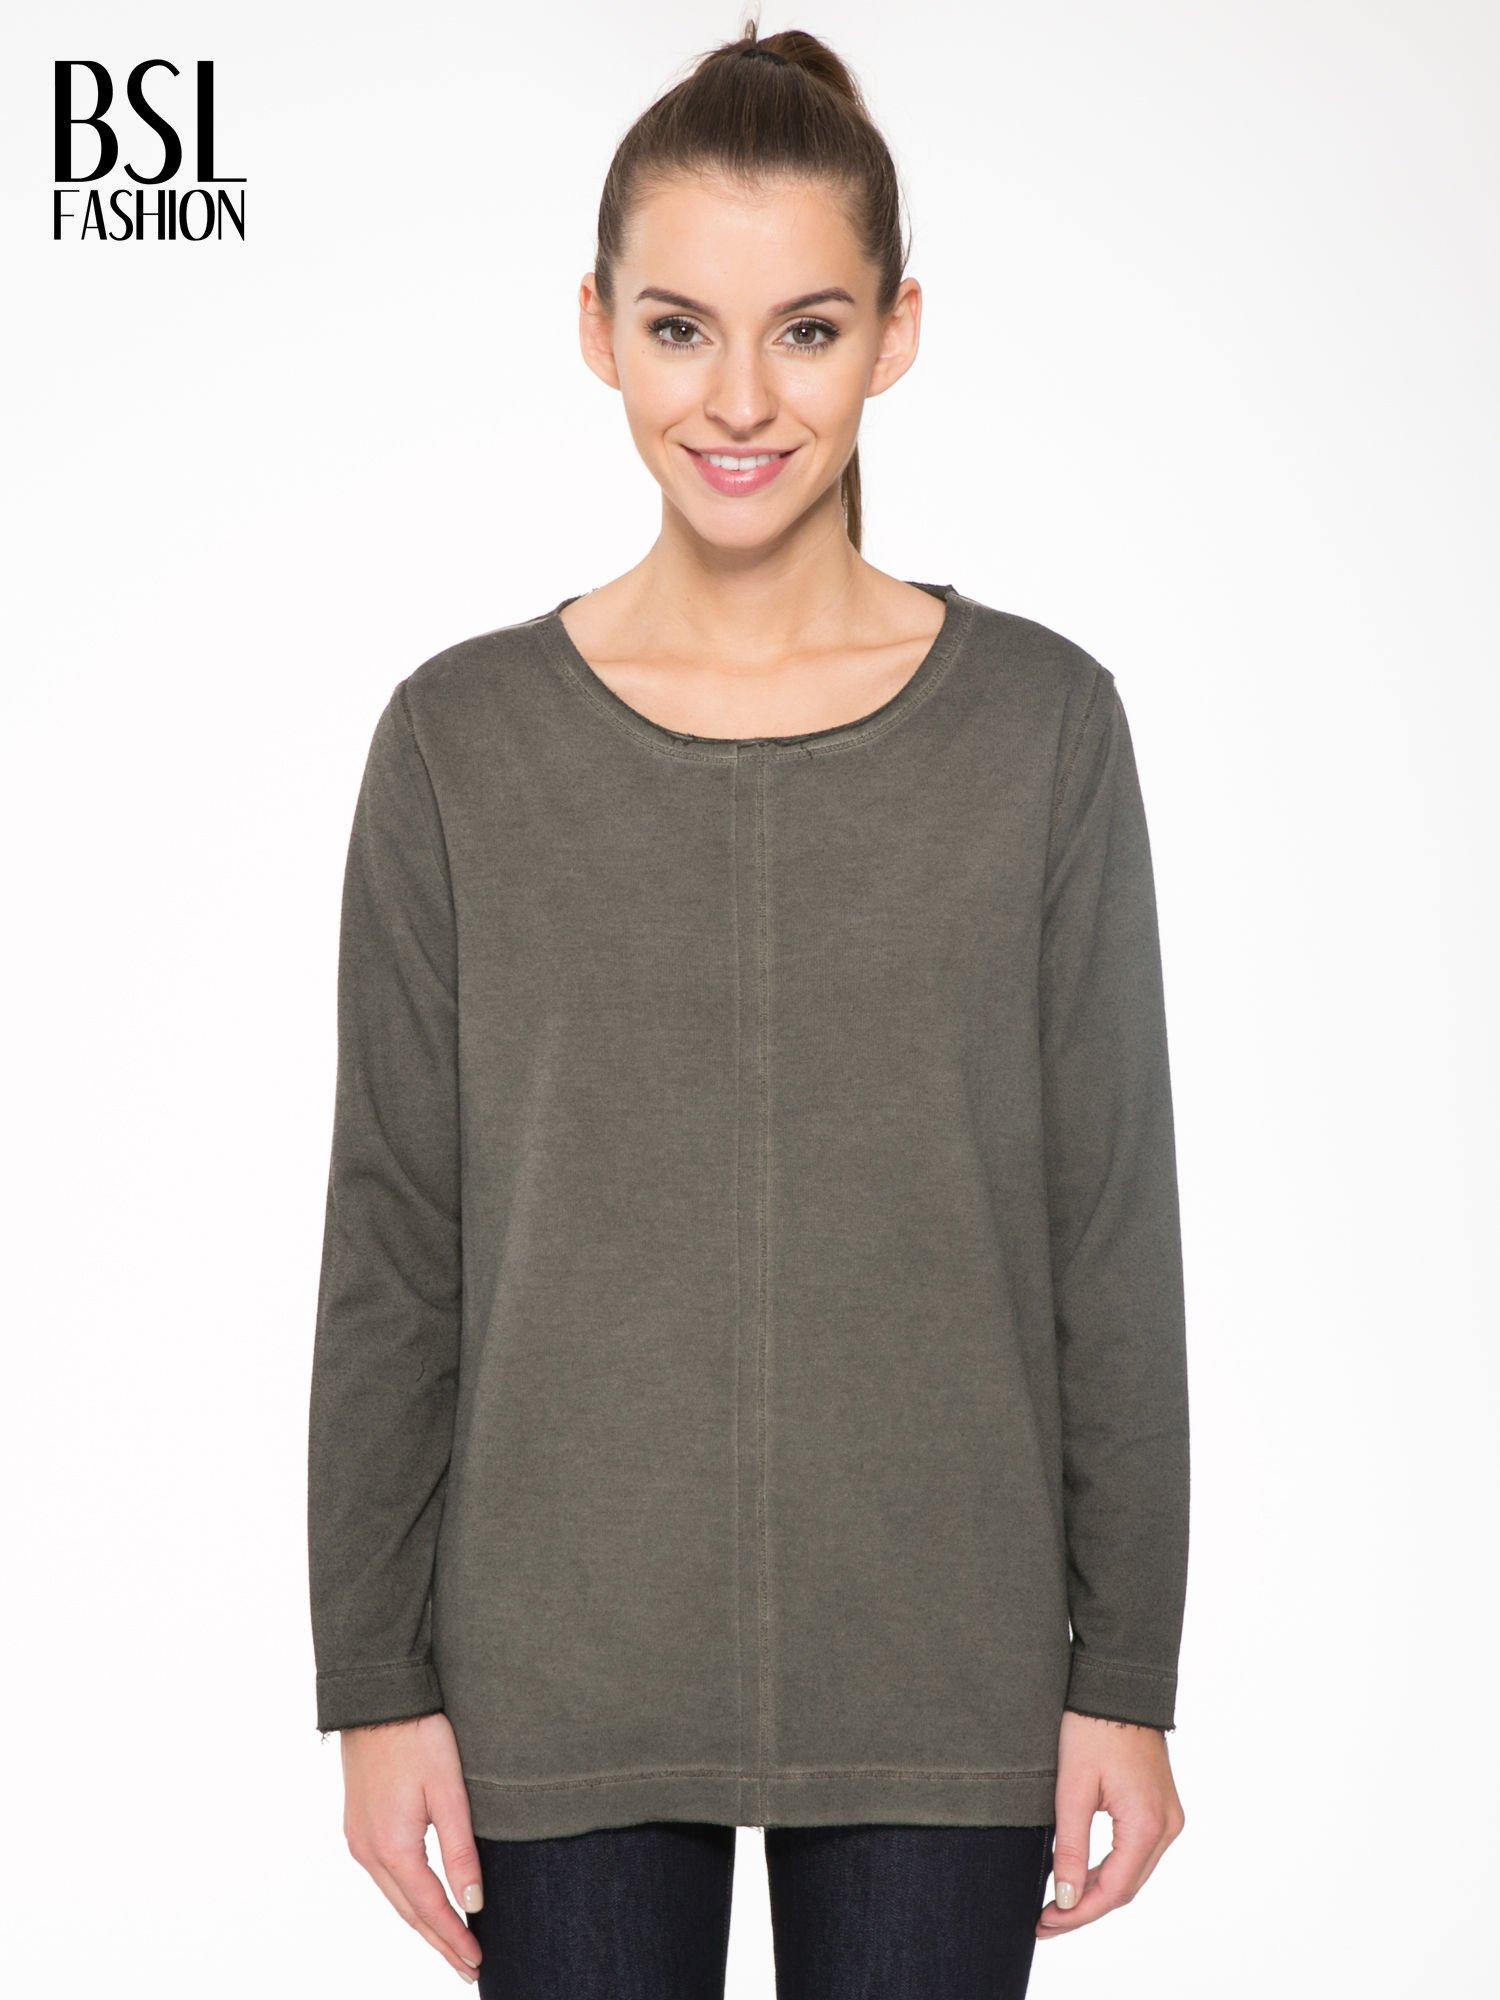 Khaki bluza z surowym wykończeniem i widocznymi szwami                                  zdj.                                  1